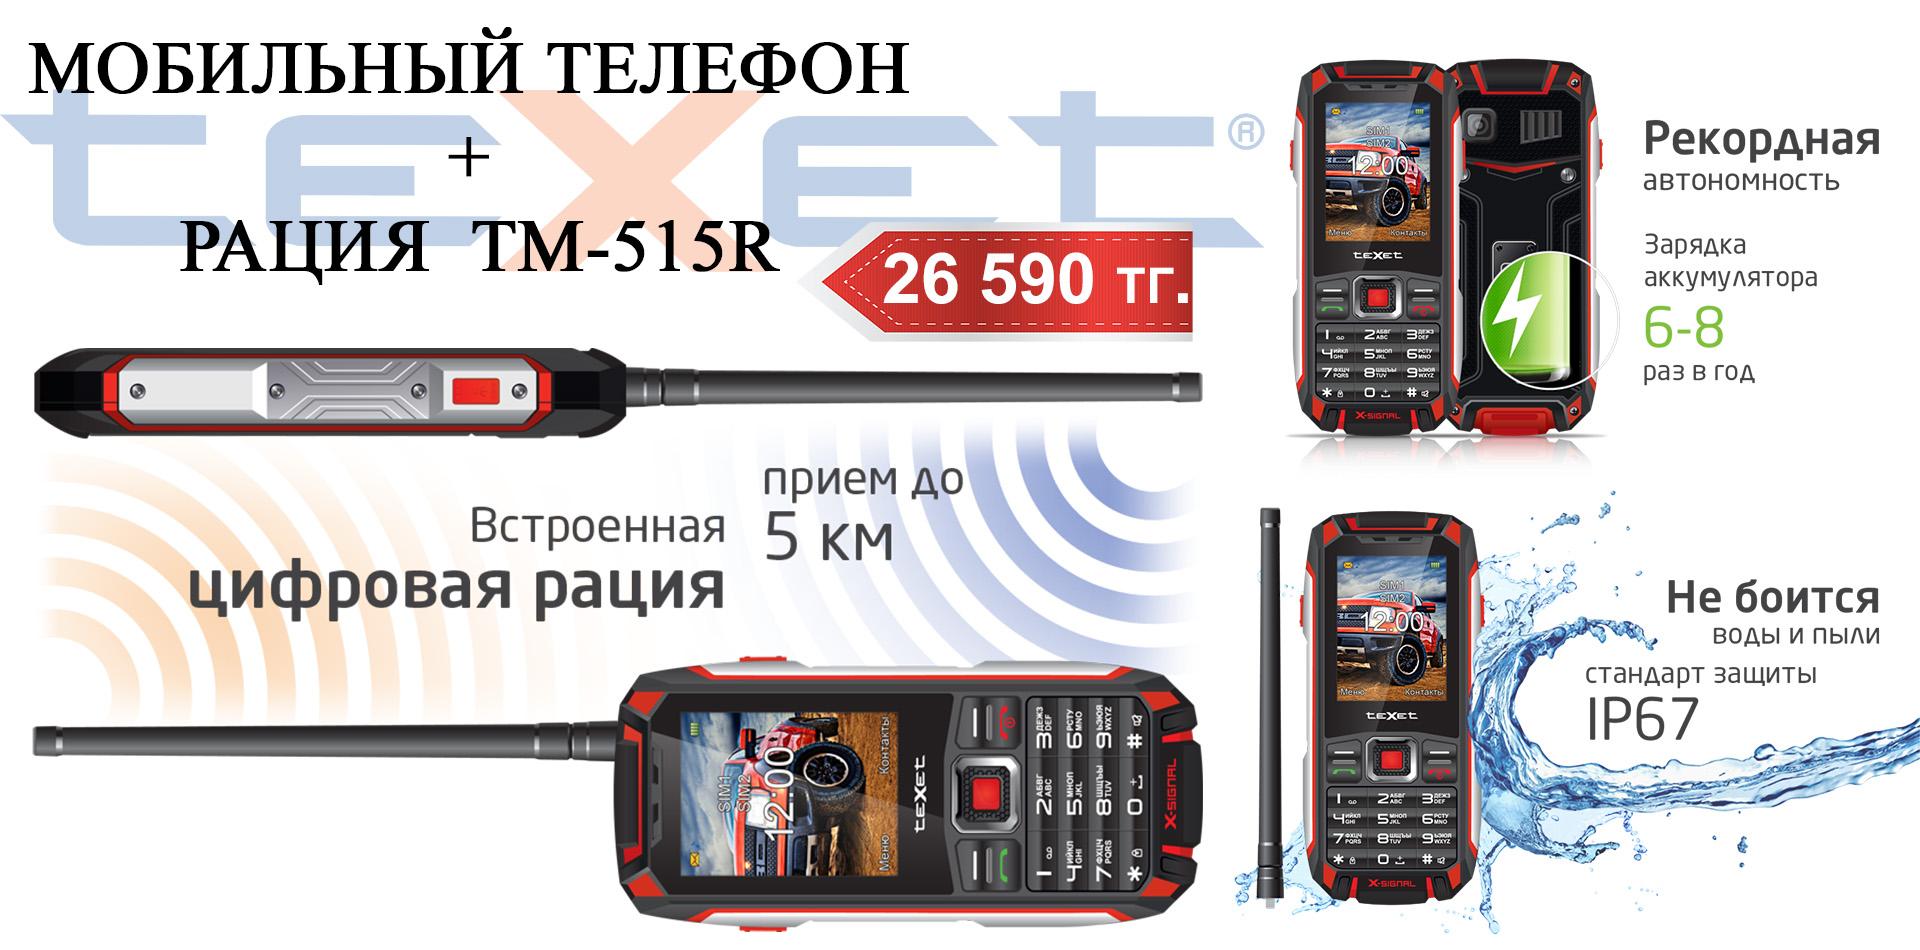 МОБИЛЬНЫЙ ТЕЛЕФОН 515R-TM